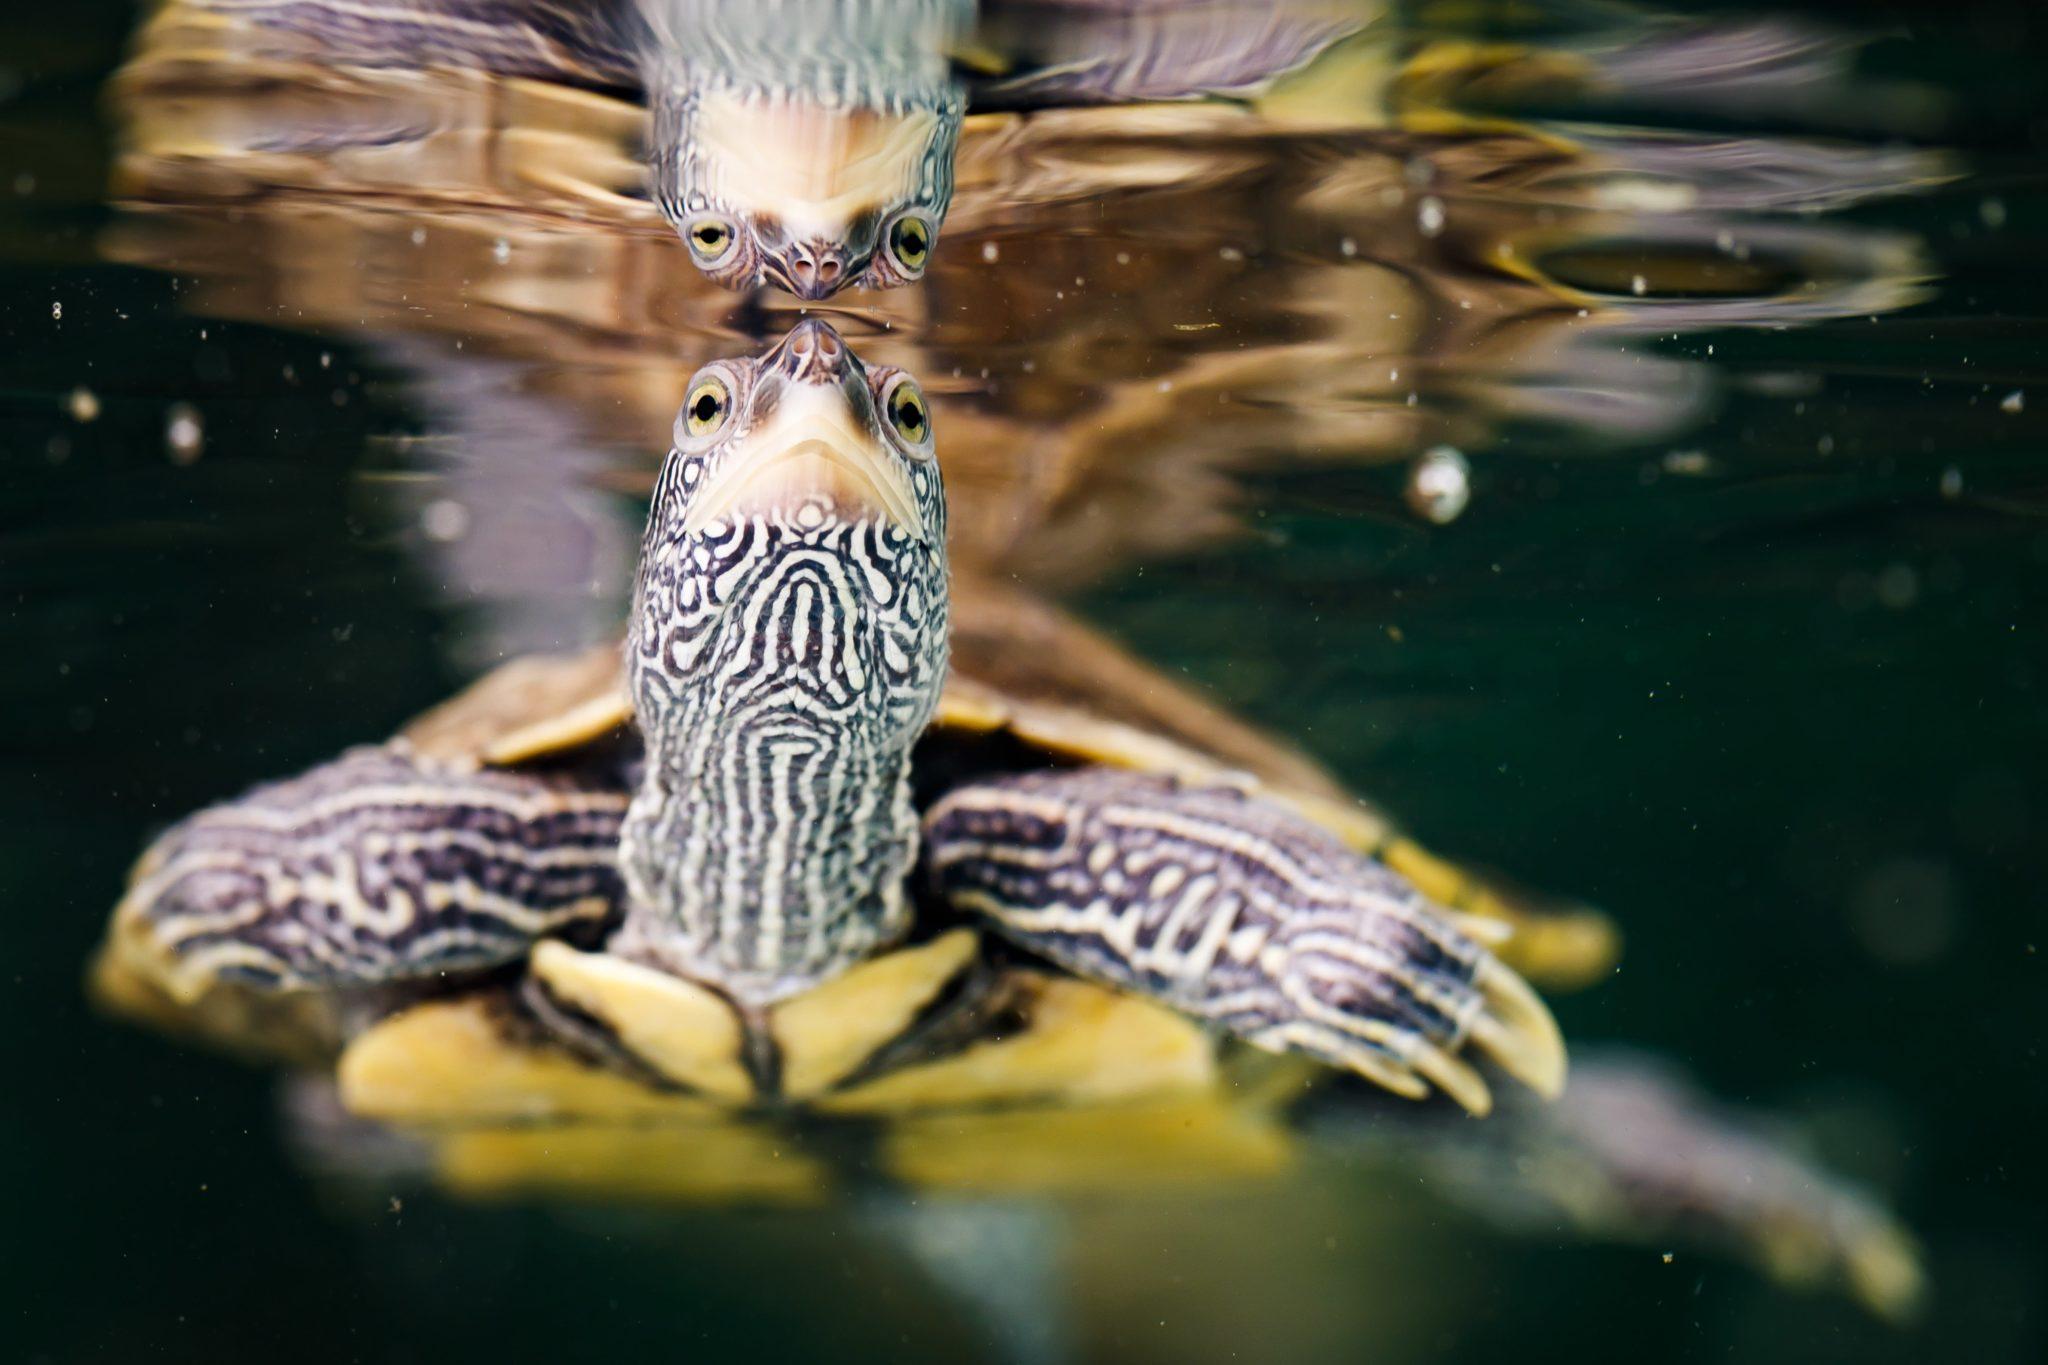 Szwajcaria: żółw zagląda do stawu wodnego w